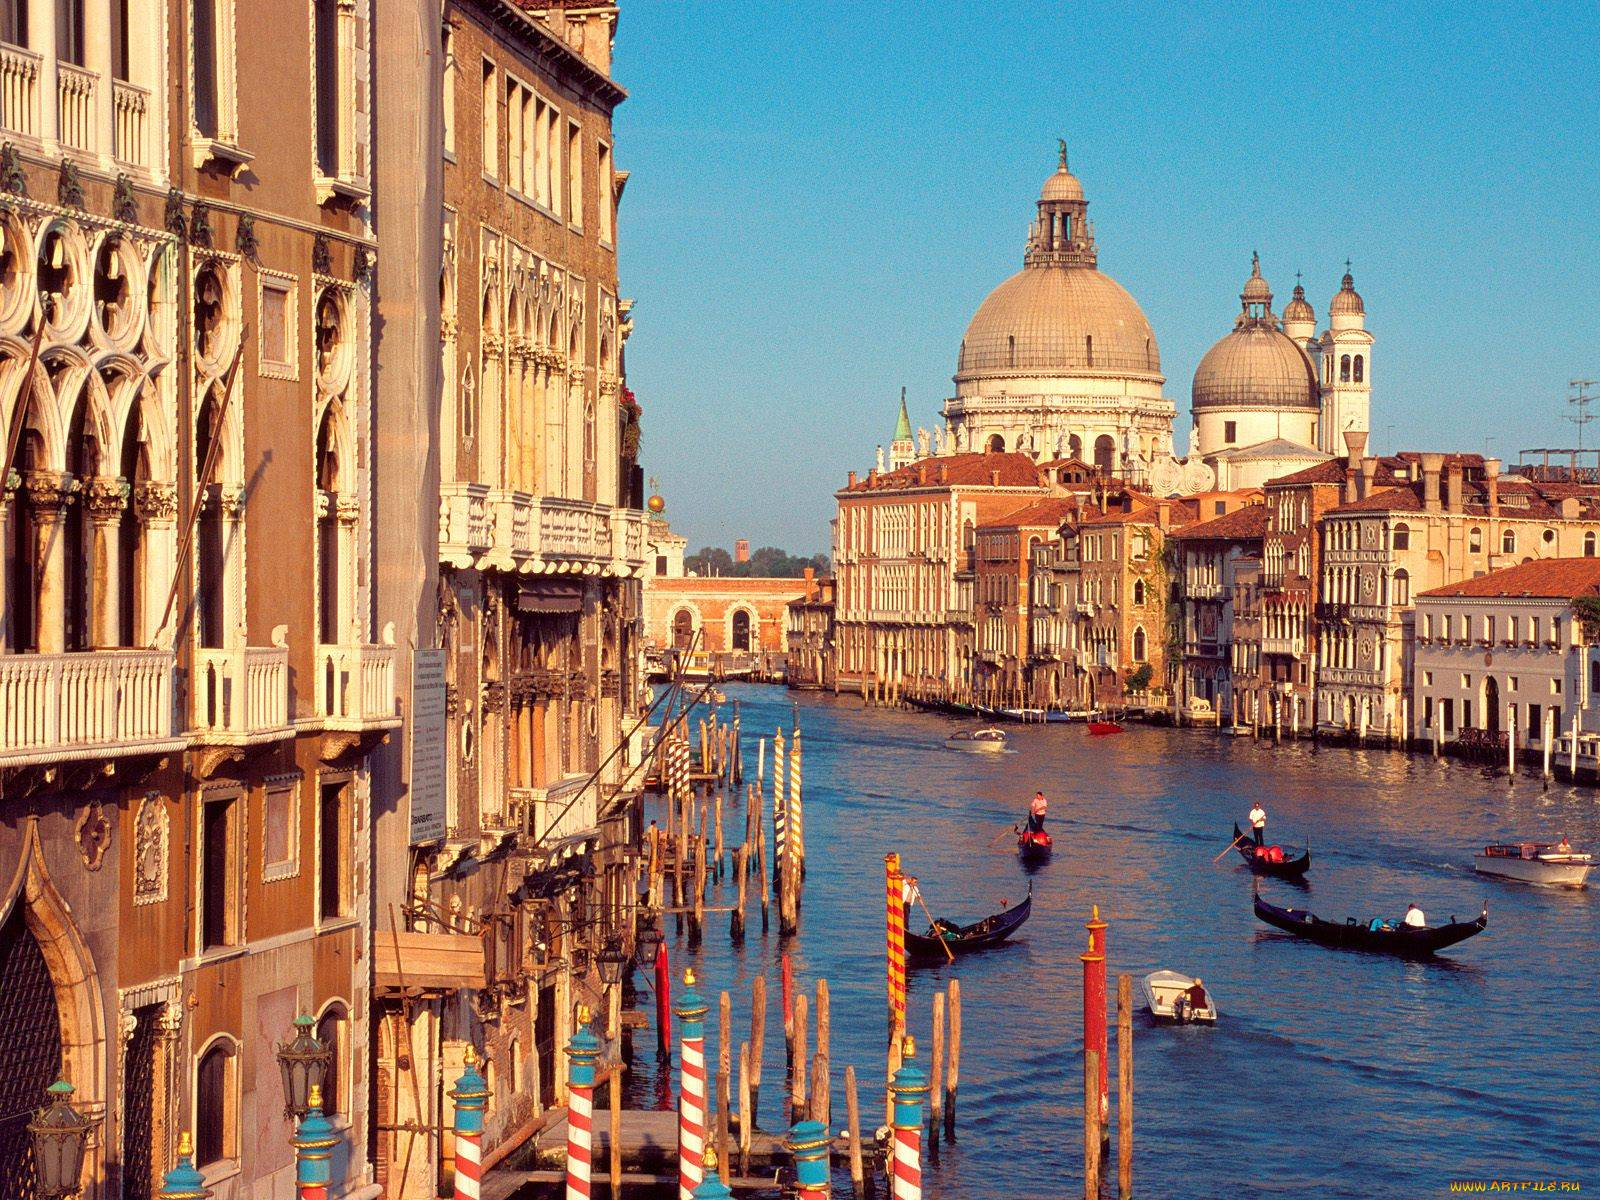 Комбинируем: четыре страны/шесть городов европы в индивидуальном туре из москвы за 8100 рублей. — по миру без турфирмы